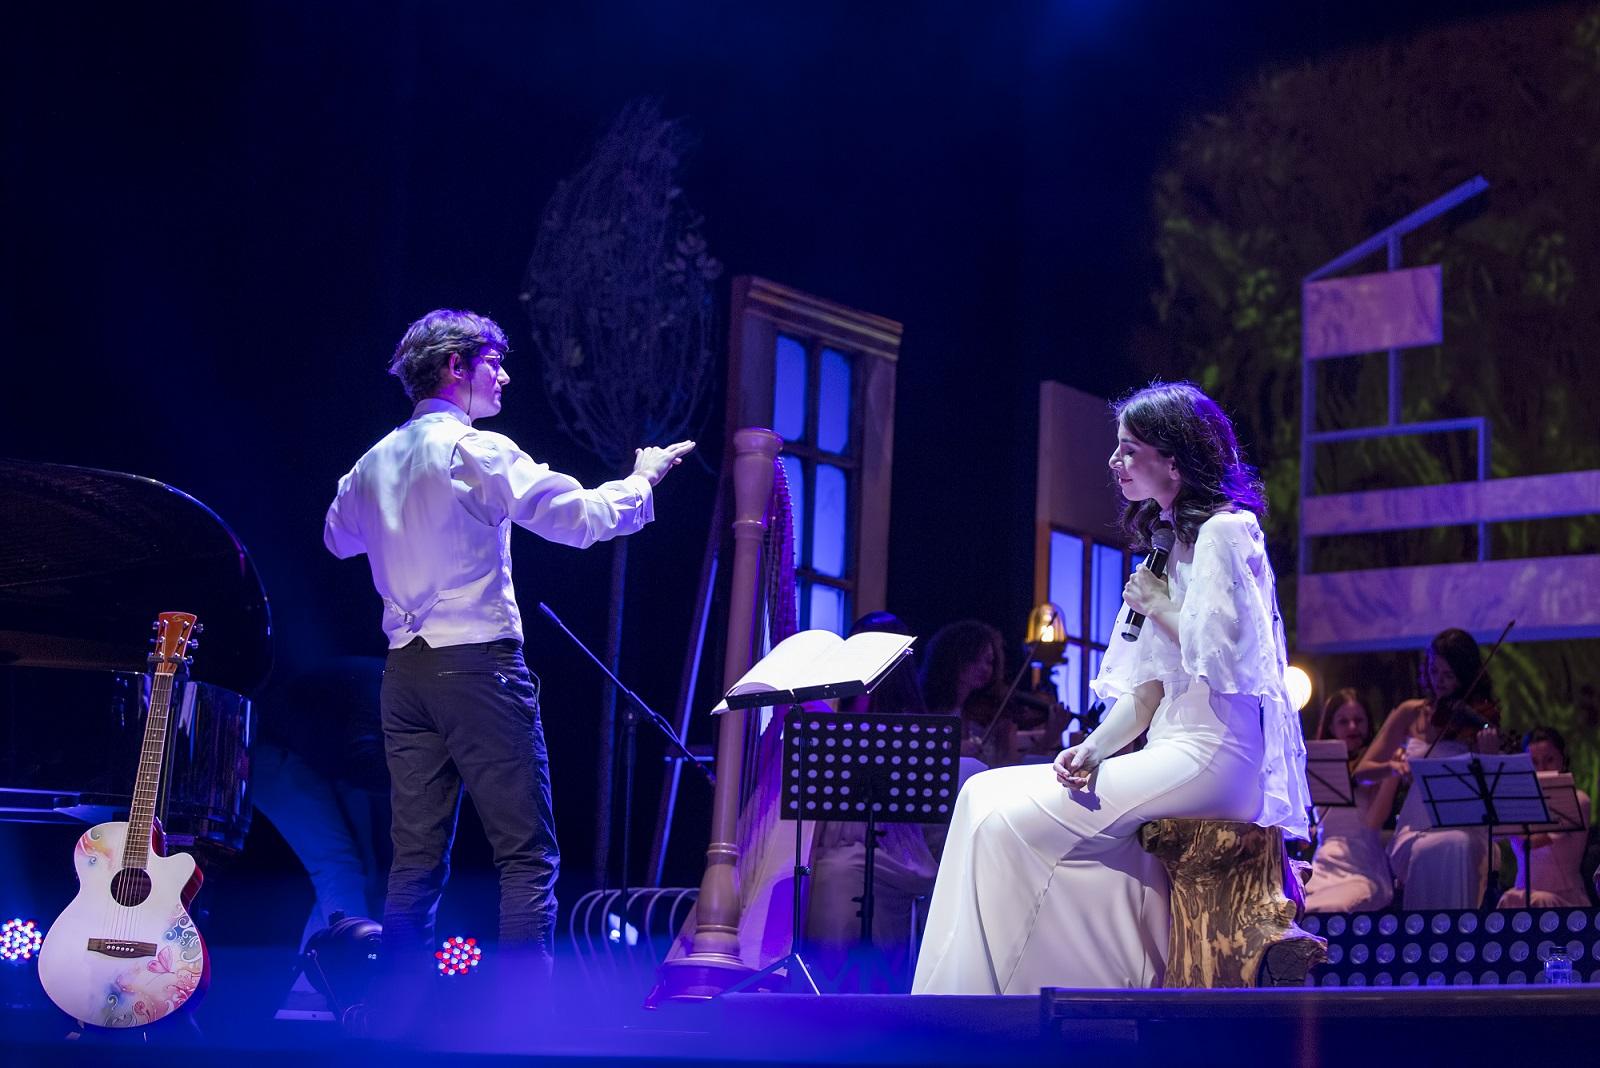 După succesul celor două concerte din București, Alexandra Ușurelu va veni în premieră cu orchestra la Cluj-Napoca, de Mărţişor